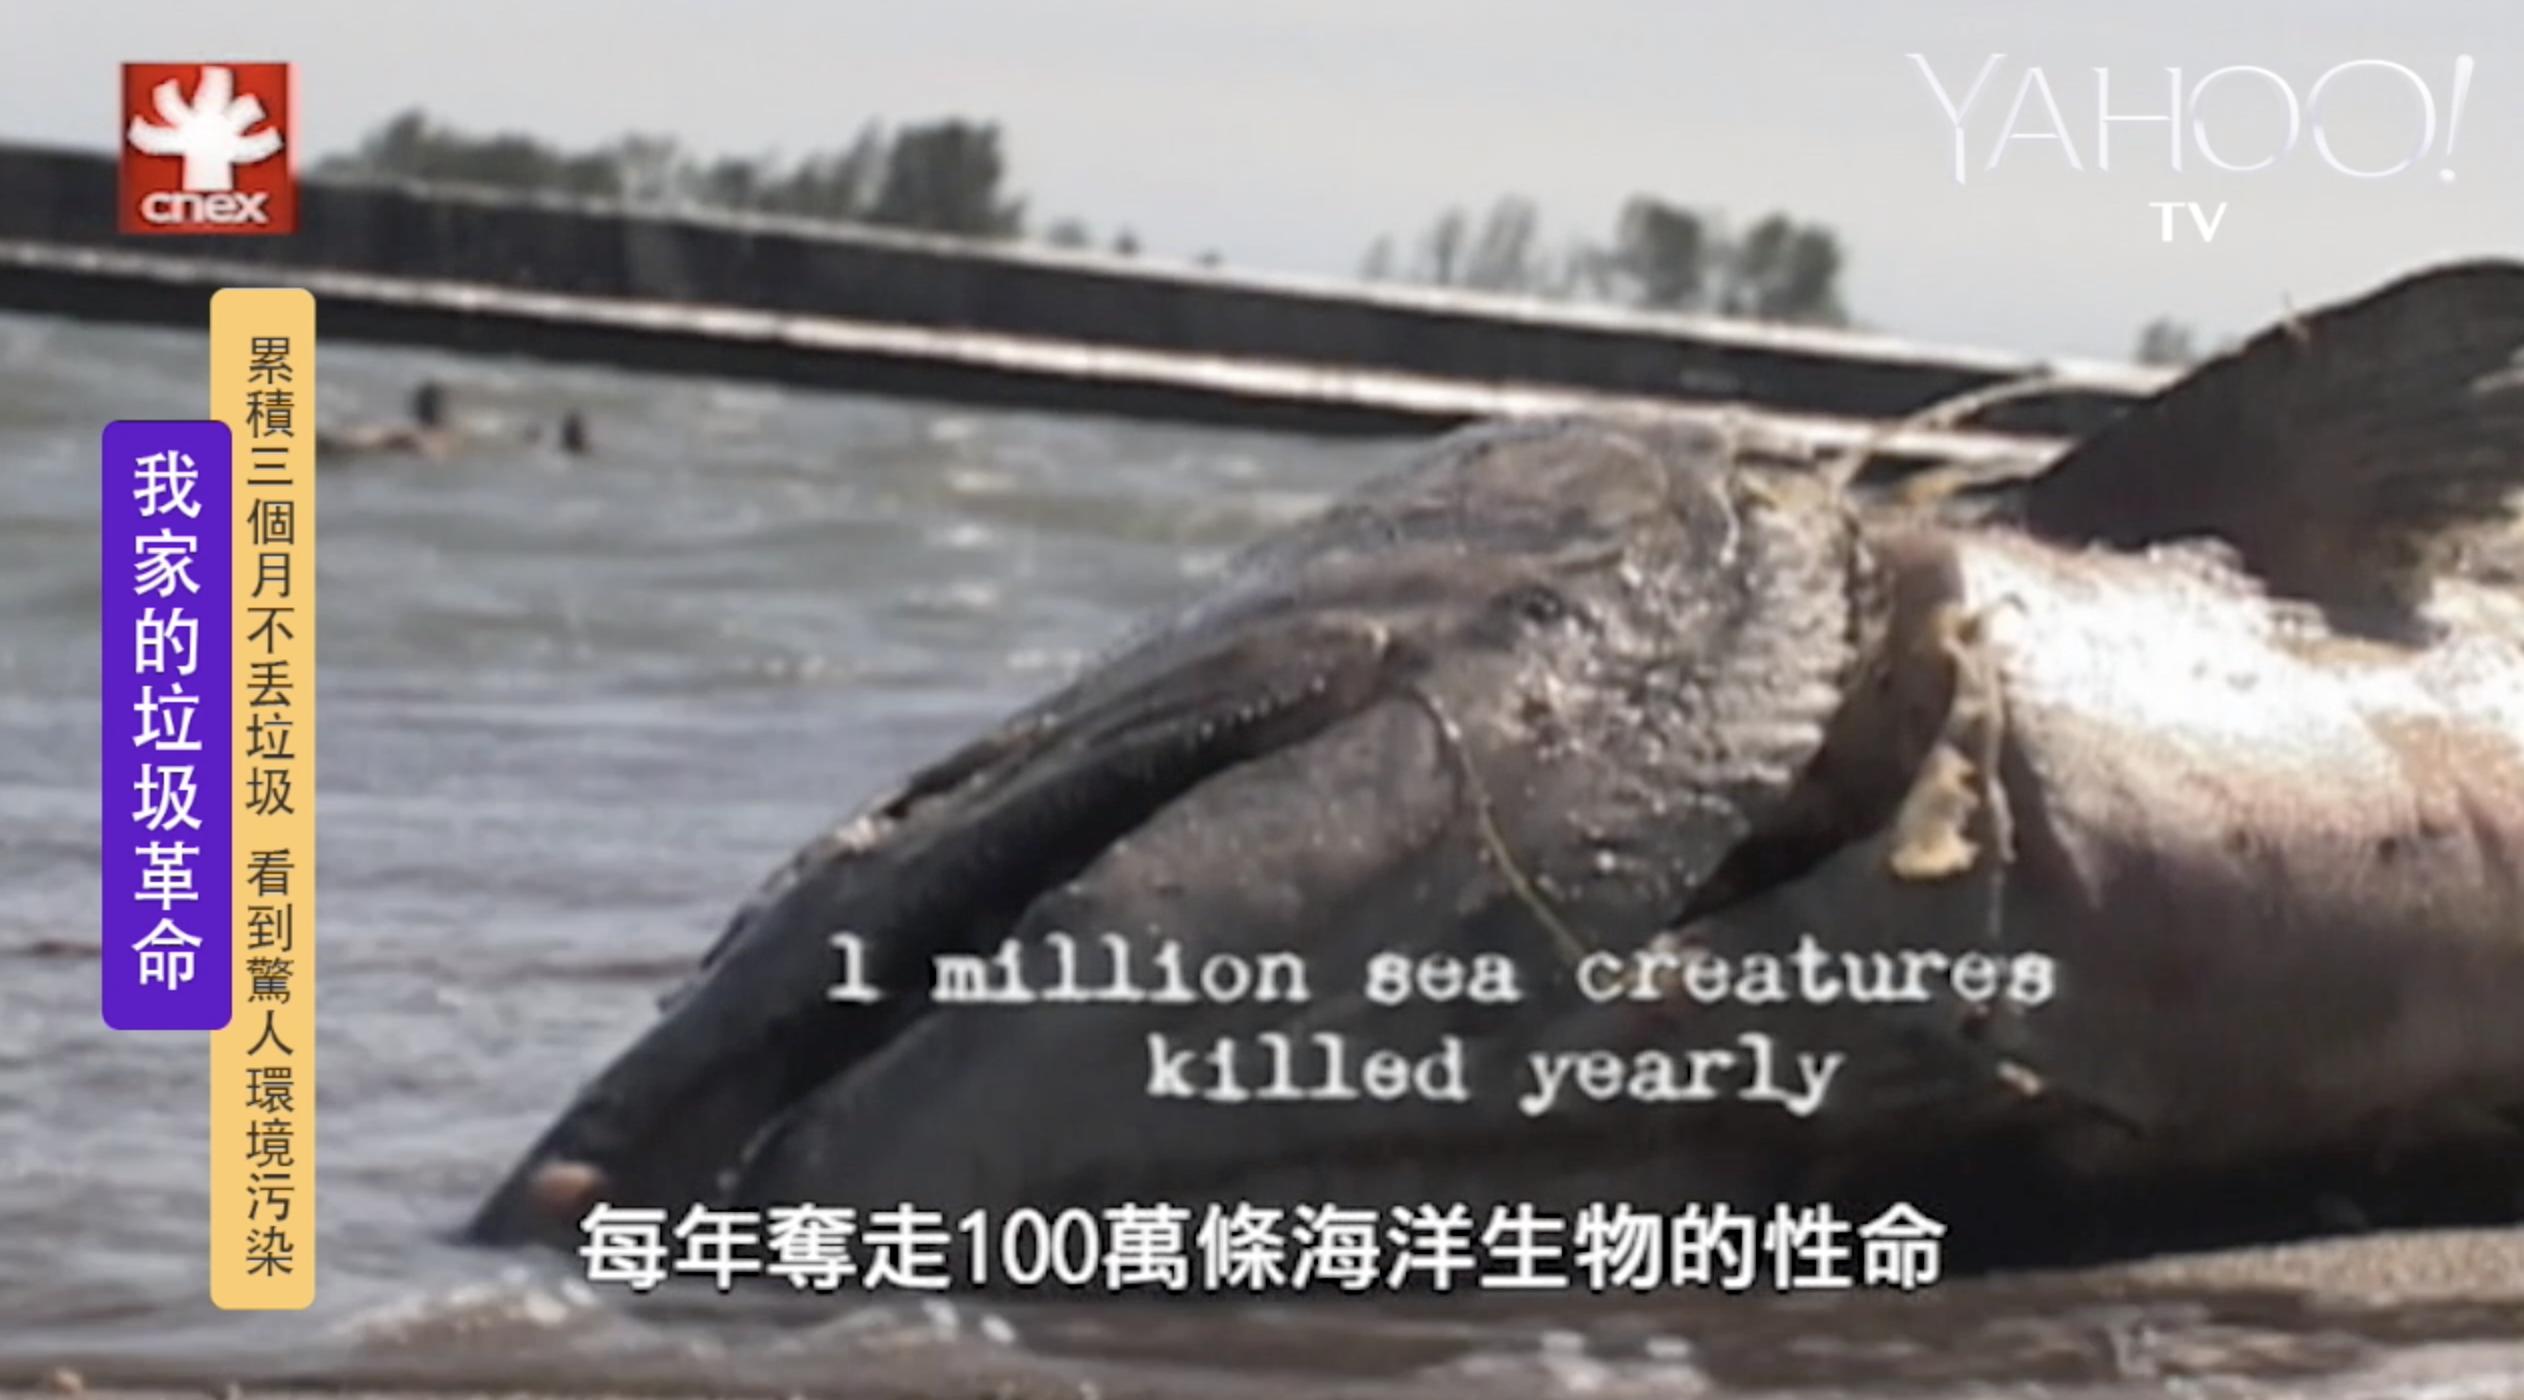 全球每五分鐘用掉上兆塑膠袋 每年奪走百萬海洋生物性命